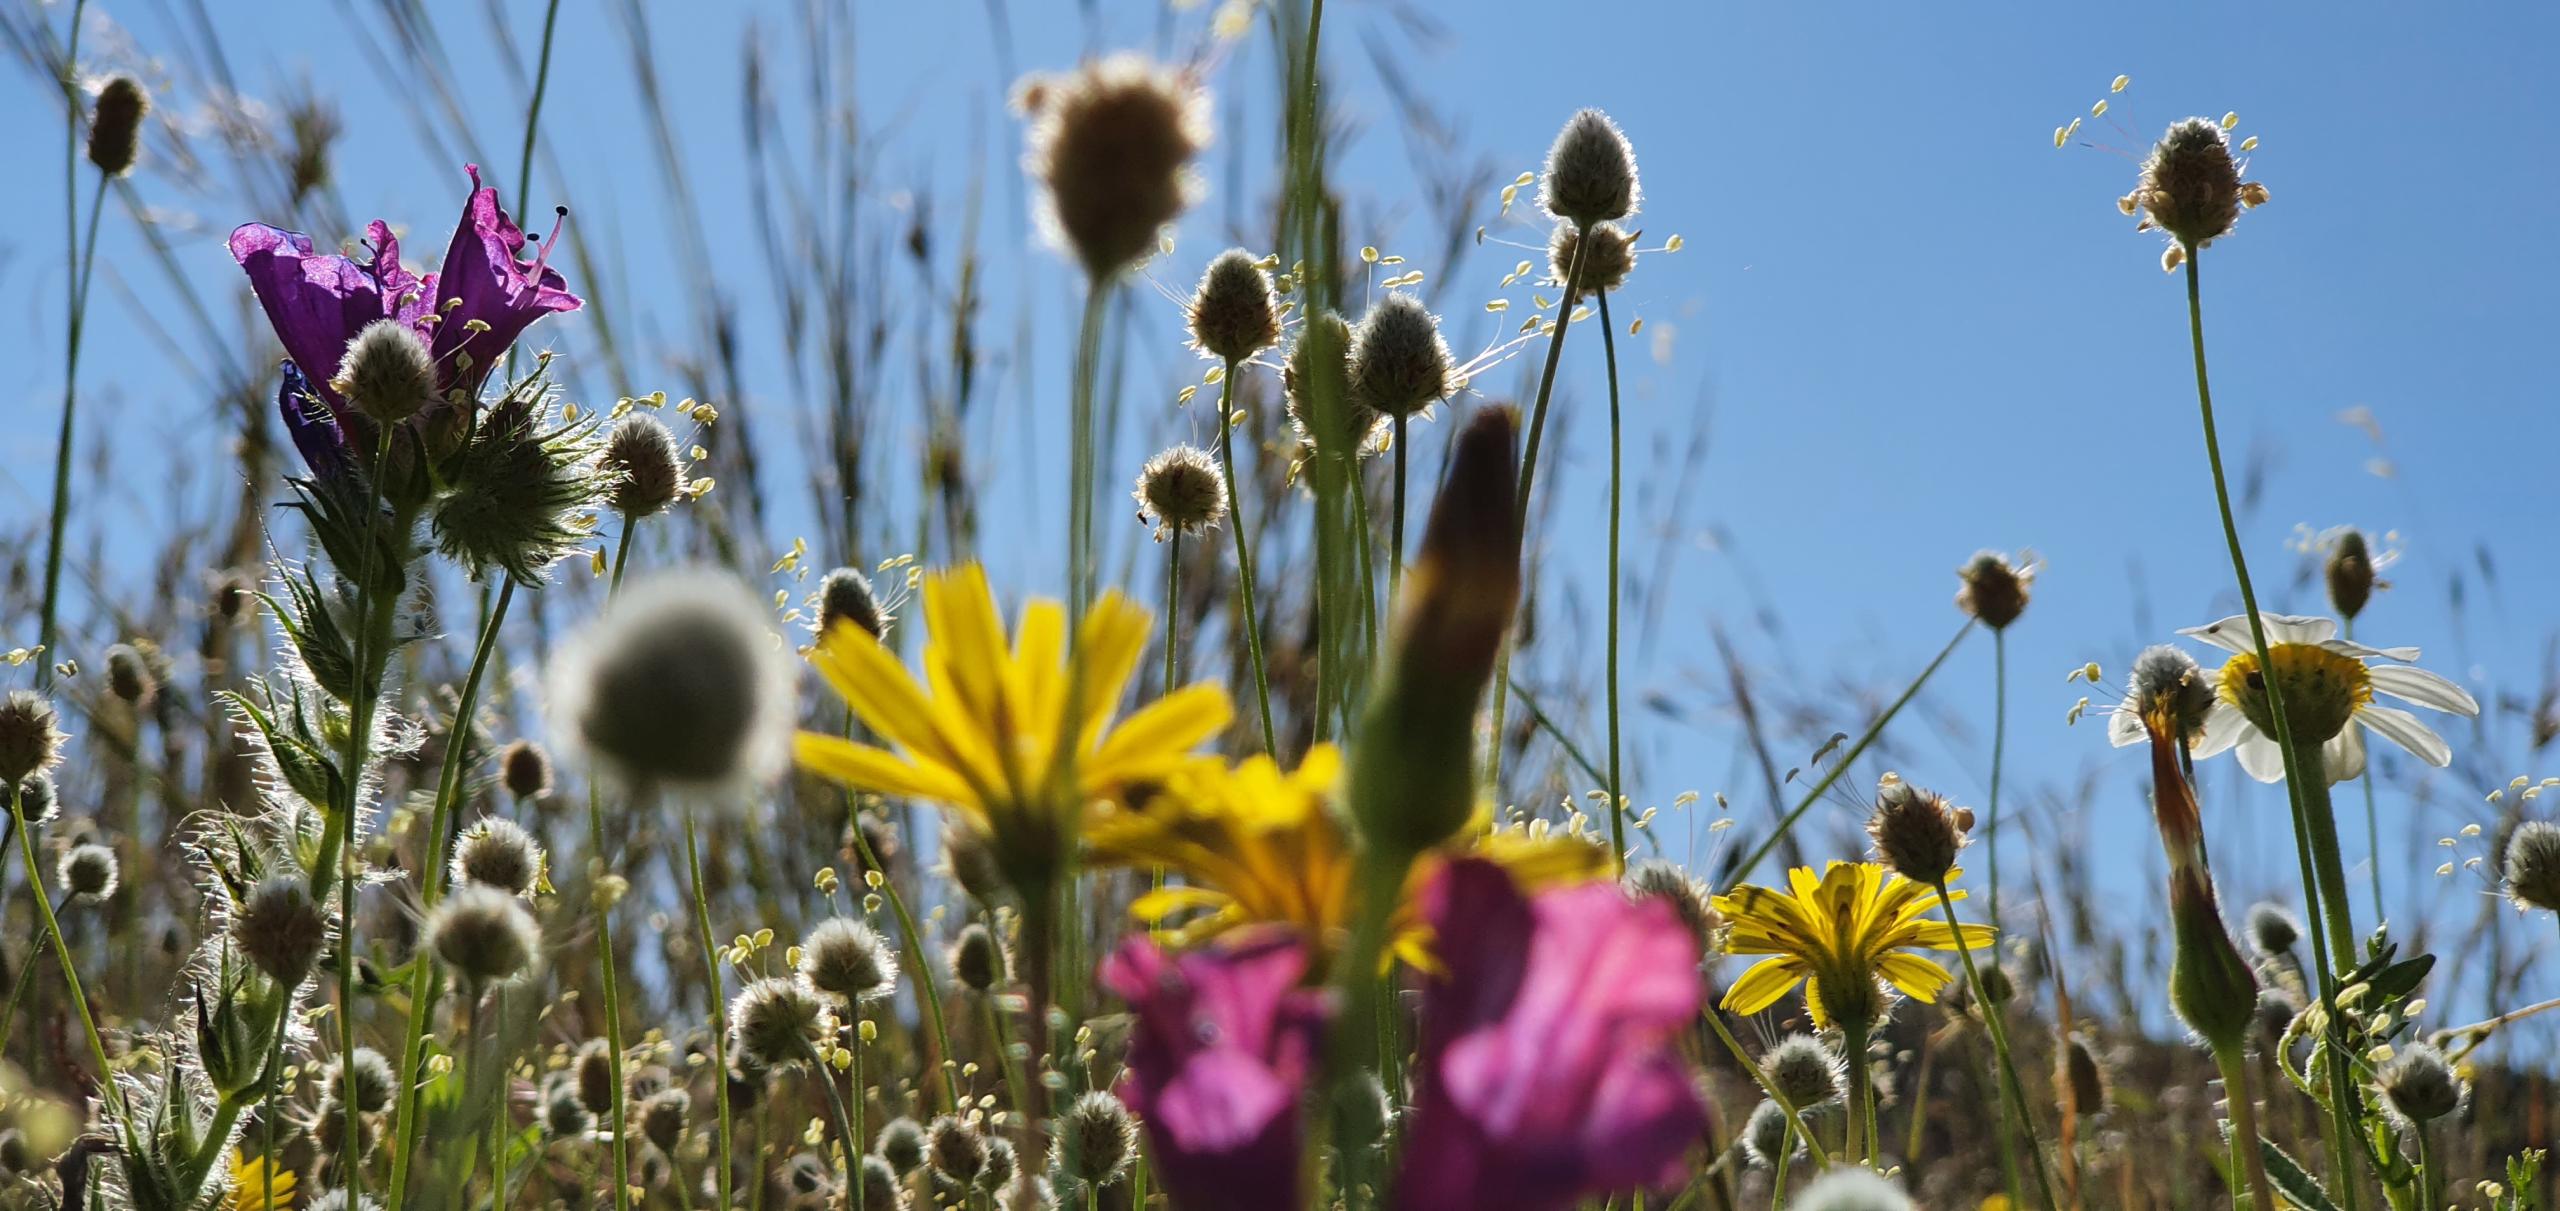 flowers against a blue sky phone photography ideas